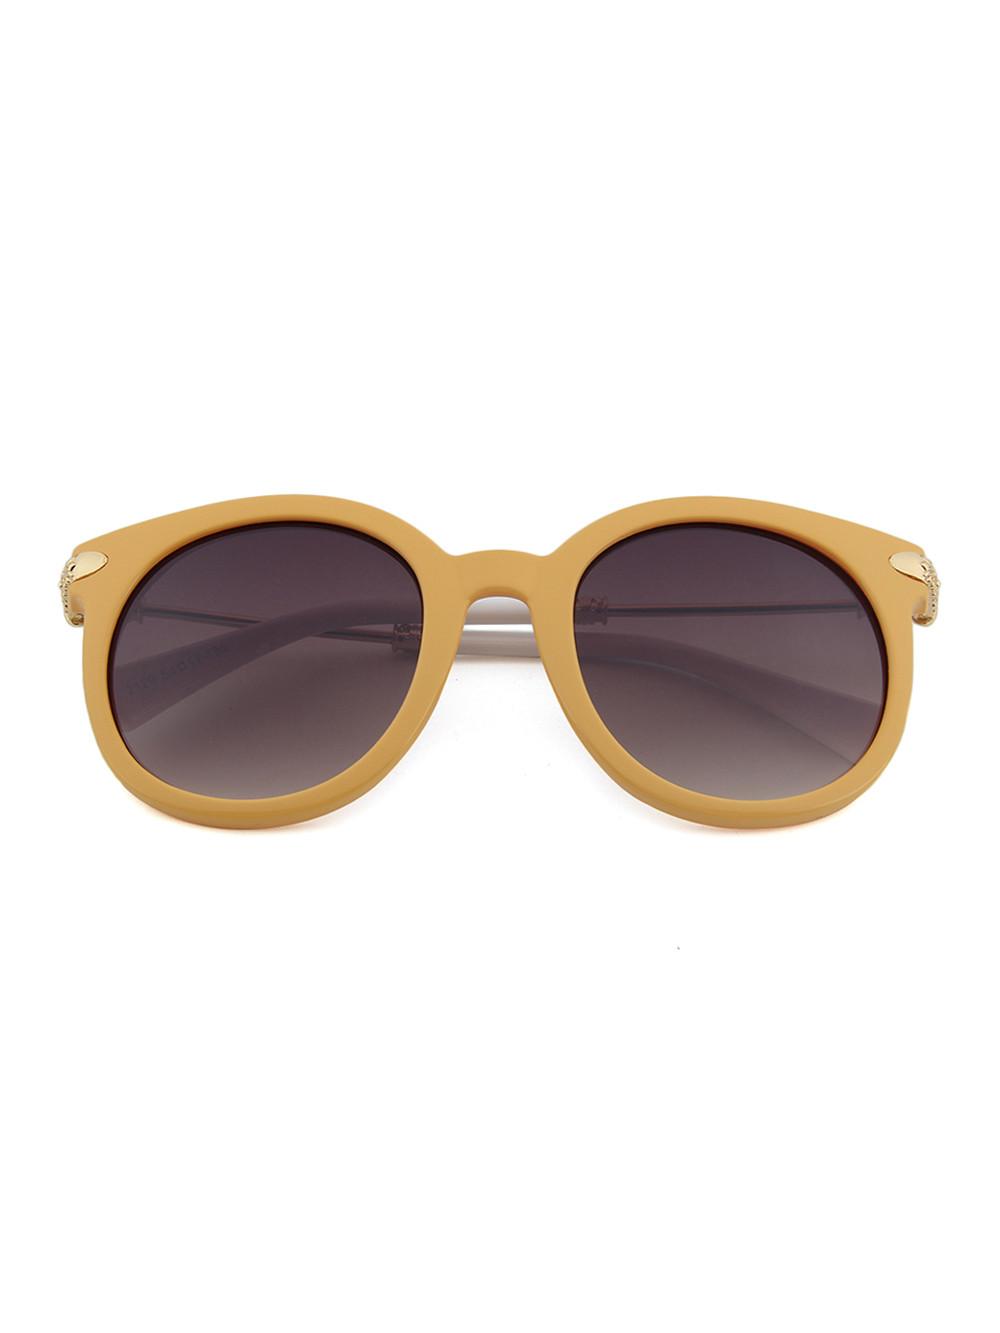 Slnečné okuliare Amélia Yellow · Slnečné okuliare Amélia Yellow ... baf0c611bcd